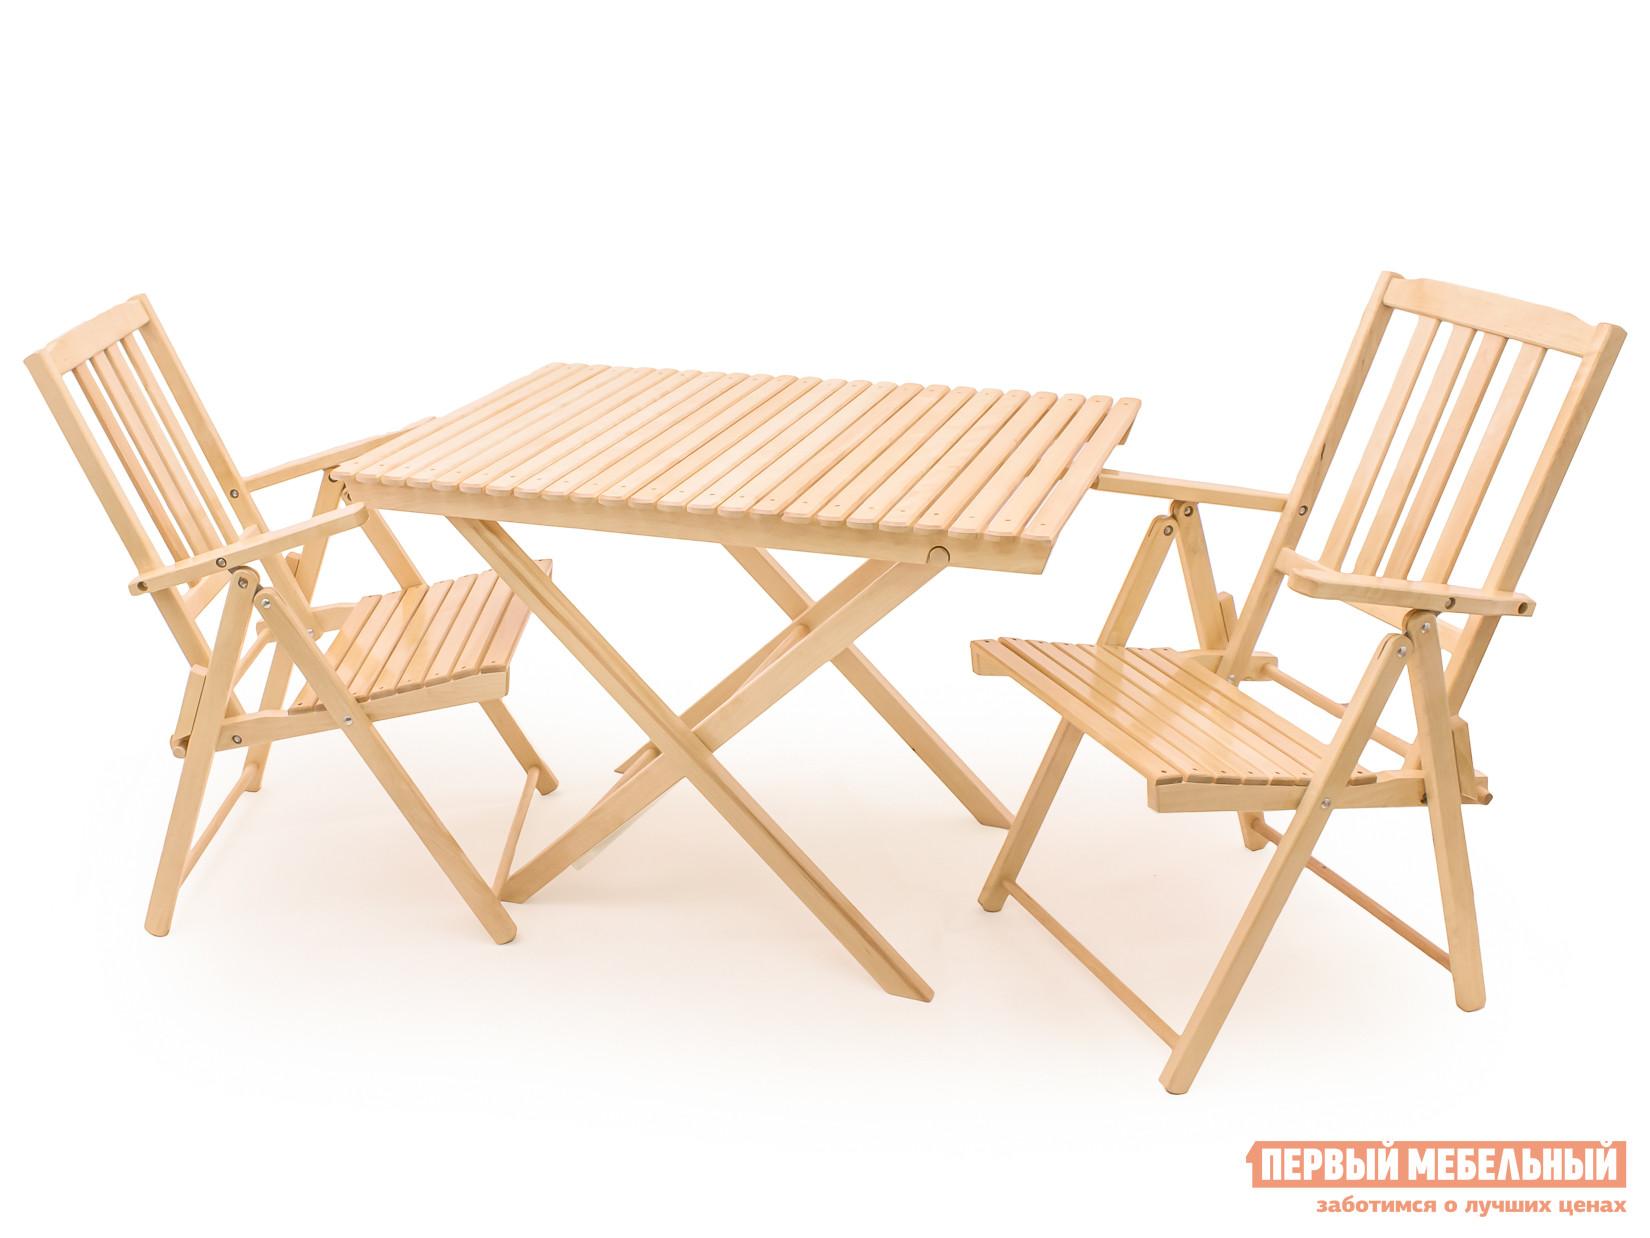 Комплект садовой мебели СМКА СМ004Б+СМ047Б 2 шт БерезаКомплекты садовой мебели<br>Габаритные размеры ВхШхГ xx мм. Комплект садовой мебели Комилис, — это отличный вариант для организации стильного и удобного пространства для бесед тет-а-тет на свежем воздухе. В комплекте представлены два складных кресла с подлокотниками и высокой спинкой, а также складной стол (ВхШхГ): 750 х 1030 х 670 мм.  Мебель изготавливается из массива березы и покрывается специальным лаком-грунтовкой, который предохраняет поверхность от агрессивного воздействия окружающей среды. Когда изделия не используются, их можно хранить в чулане. Благодаря тому, что все изделия поставляются в полностью собранном виде, после доставки можно сразу начать использование комплекта по назначению.<br><br>Цвет: Светлое дерево<br>Кол-во упаковок: 3<br>Форма поставки: В собранном виде<br>Срок гарантии: 1 год<br>Тип: С обеденным столом<br>Тип: Со стульями<br>Материал: Массив дерева<br>Порода дерева: Береза<br>Вместимость: На 2 персоны<br>С подлокотниками: Да